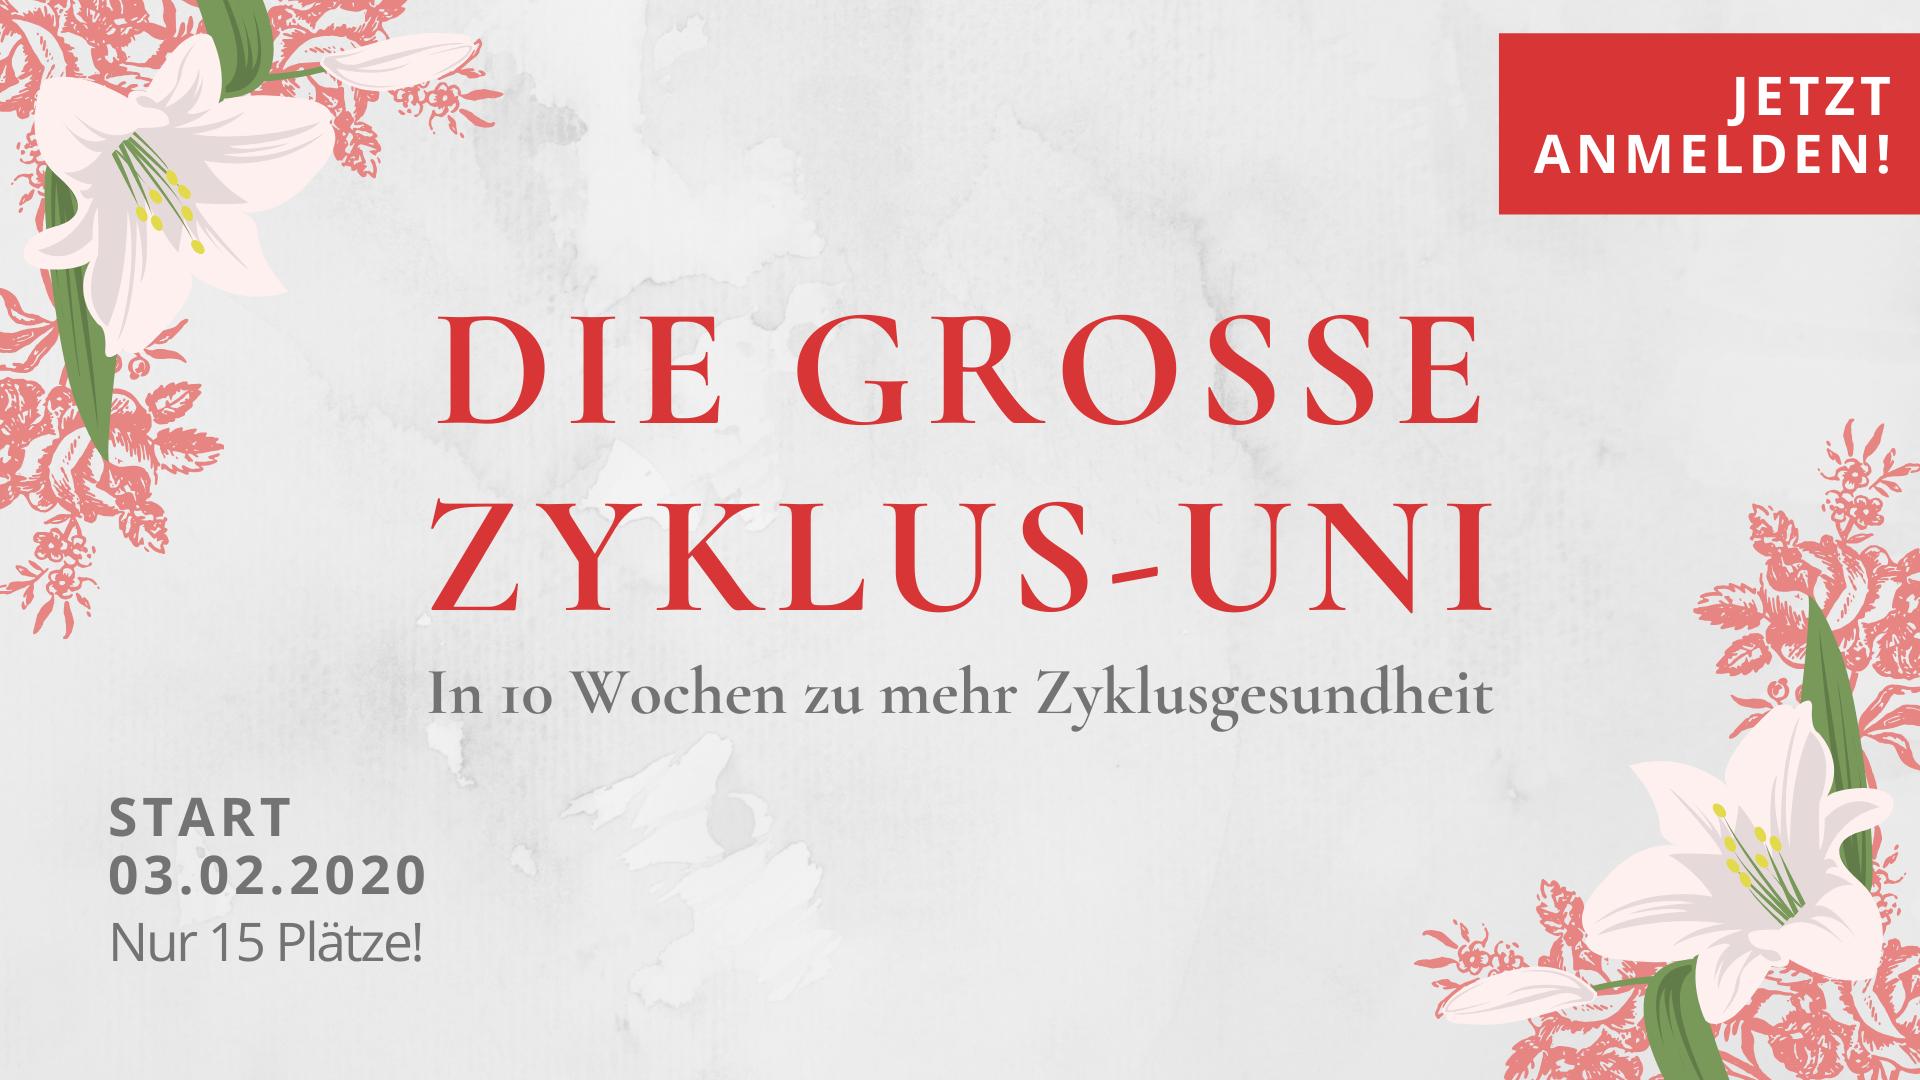 Fraulichkeit Anne Lippold Große Zyklus-Uni Zyklusgesundheit Selbstliebe Menstruationsbeschwerden Regelschmerzen Coaching Programm